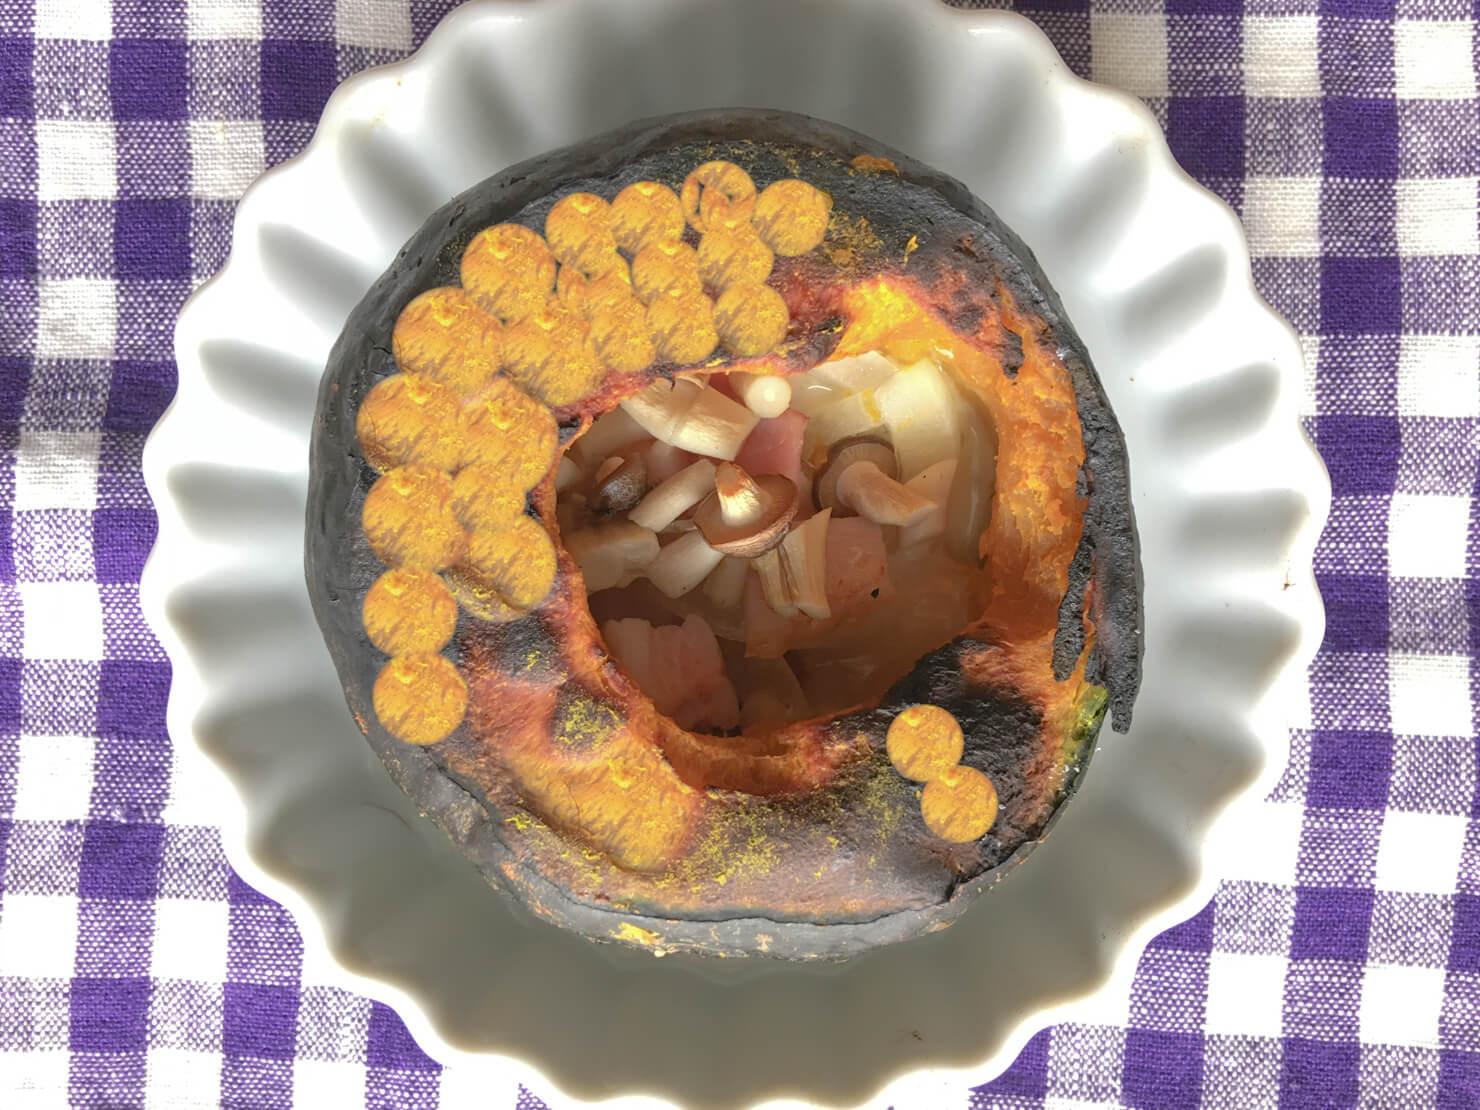 坊ちゃんかぼちゃの超簡単丸ごとチーズ焼きの写真の編集に失敗した写真